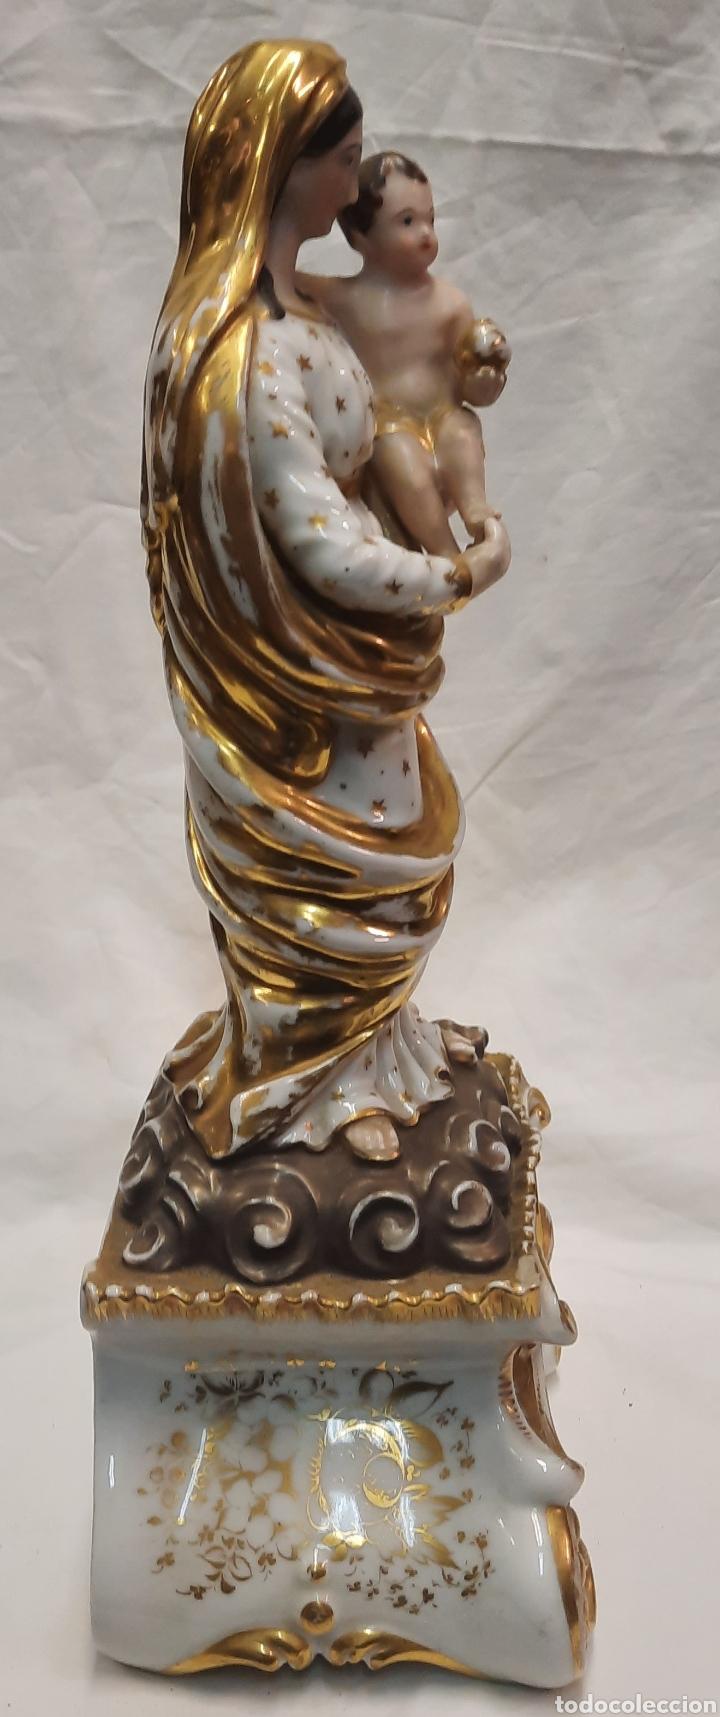 Antigüedades: Antigua figura de Virgen ceramica viejo París - Foto 7 - 244088200